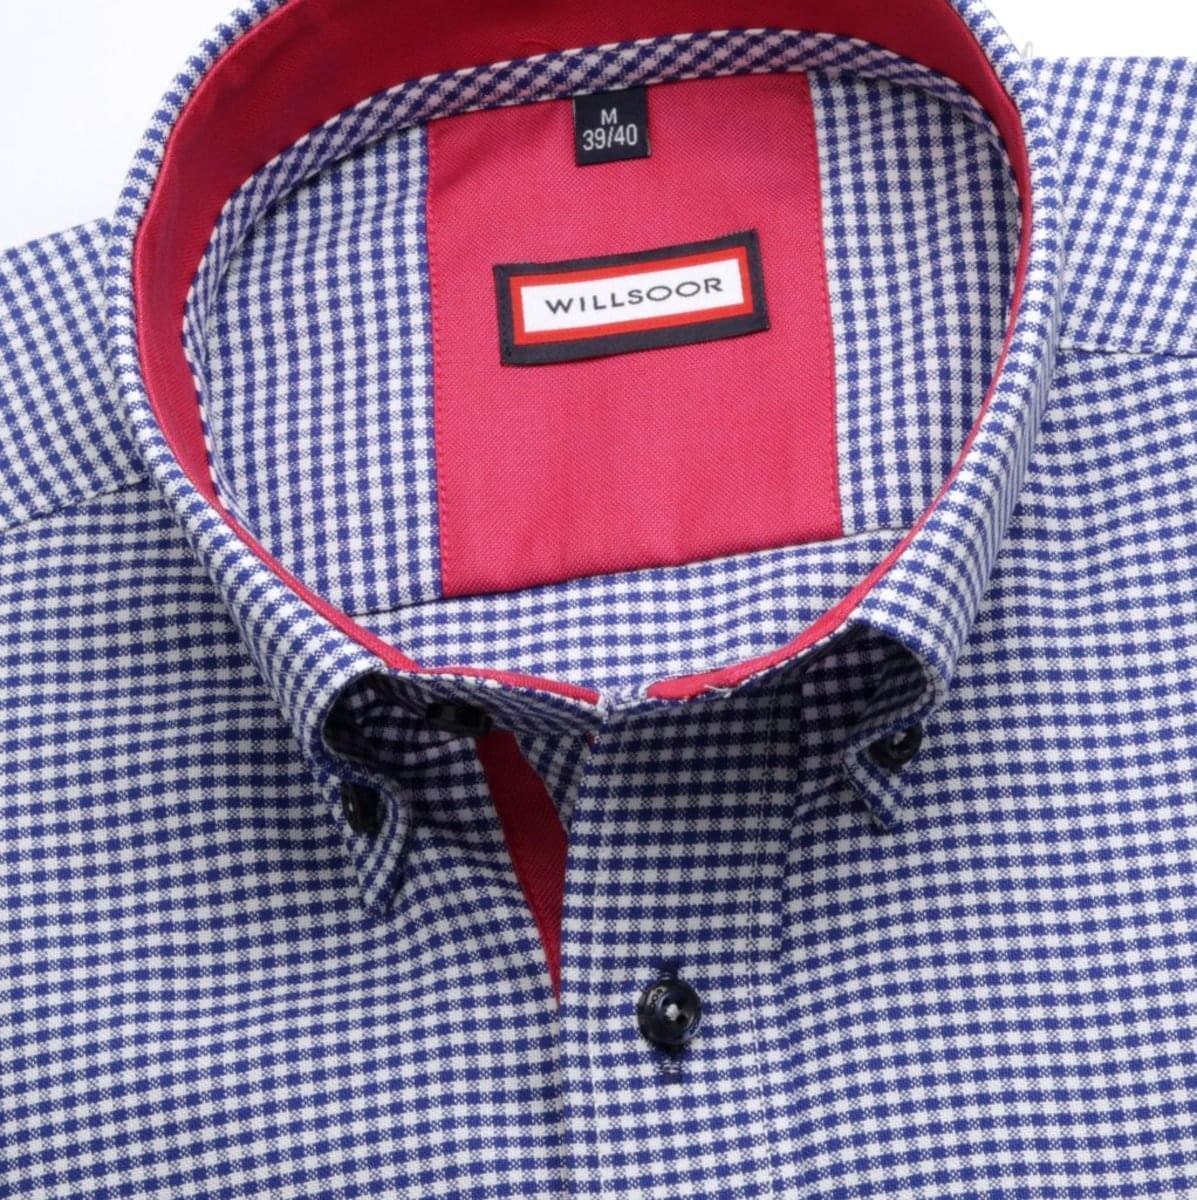 Pánska slim fit košeľa (výška 176-182) 6921 s kockou a golierikom na gombíky 176-182 / XL (43/44)